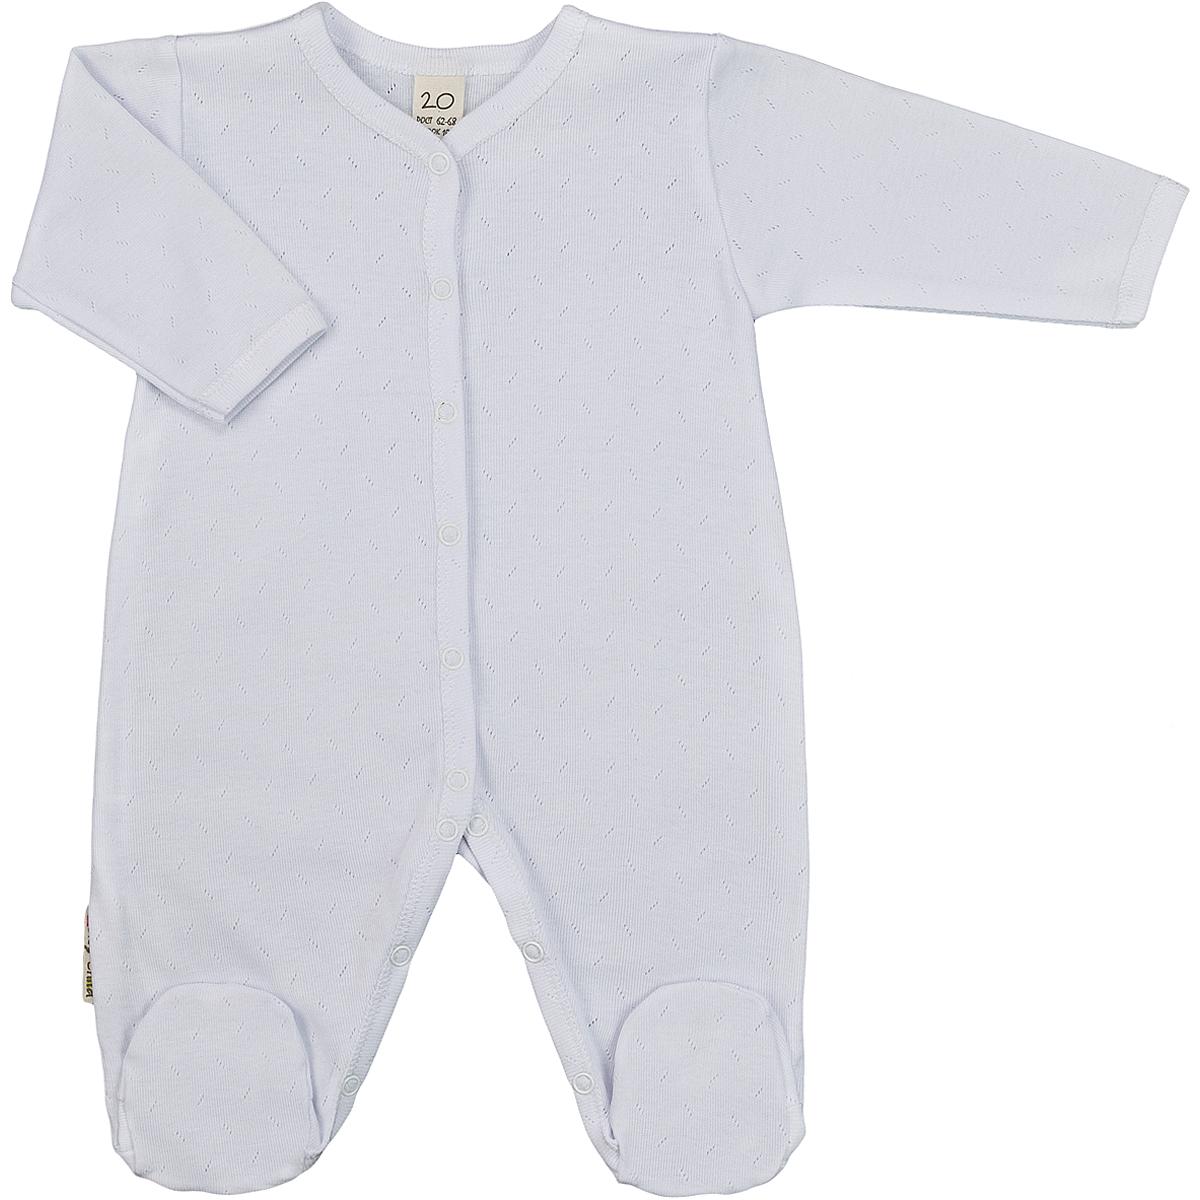 Комбинезон детский Lucky Child Ажур, цвет: белый. 0-12. Размер 50/560-12Детский комбинезон Lucky Child - очень удобный и практичный вид одежды для малышей. Комбинезон выполнен из натурального хлопка, благодаря чему он необычайно мягкий и приятный на ощупь, не раздражают нежную кожу ребенка и хорошо вентилируются, а эластичные швы приятны телу малыша и не препятствуют его движениям. Комбинезон с длинными рукавами и закрытыми ножками имеет застежки-кнопки от горловины до щиколоток, которые помогают легко переодеть младенца или сменить подгузник.Модель выполнена из ткани с ажурным узором. С детским комбинезоном Lucky Child спинка и ножки вашего малыша всегда будут в тепле, он идеален для использования днем и незаменим ночью. Комбинезон полностью соответствует особенностям жизни младенца в ранний период, не стесняя и не ограничивая его в движениях!